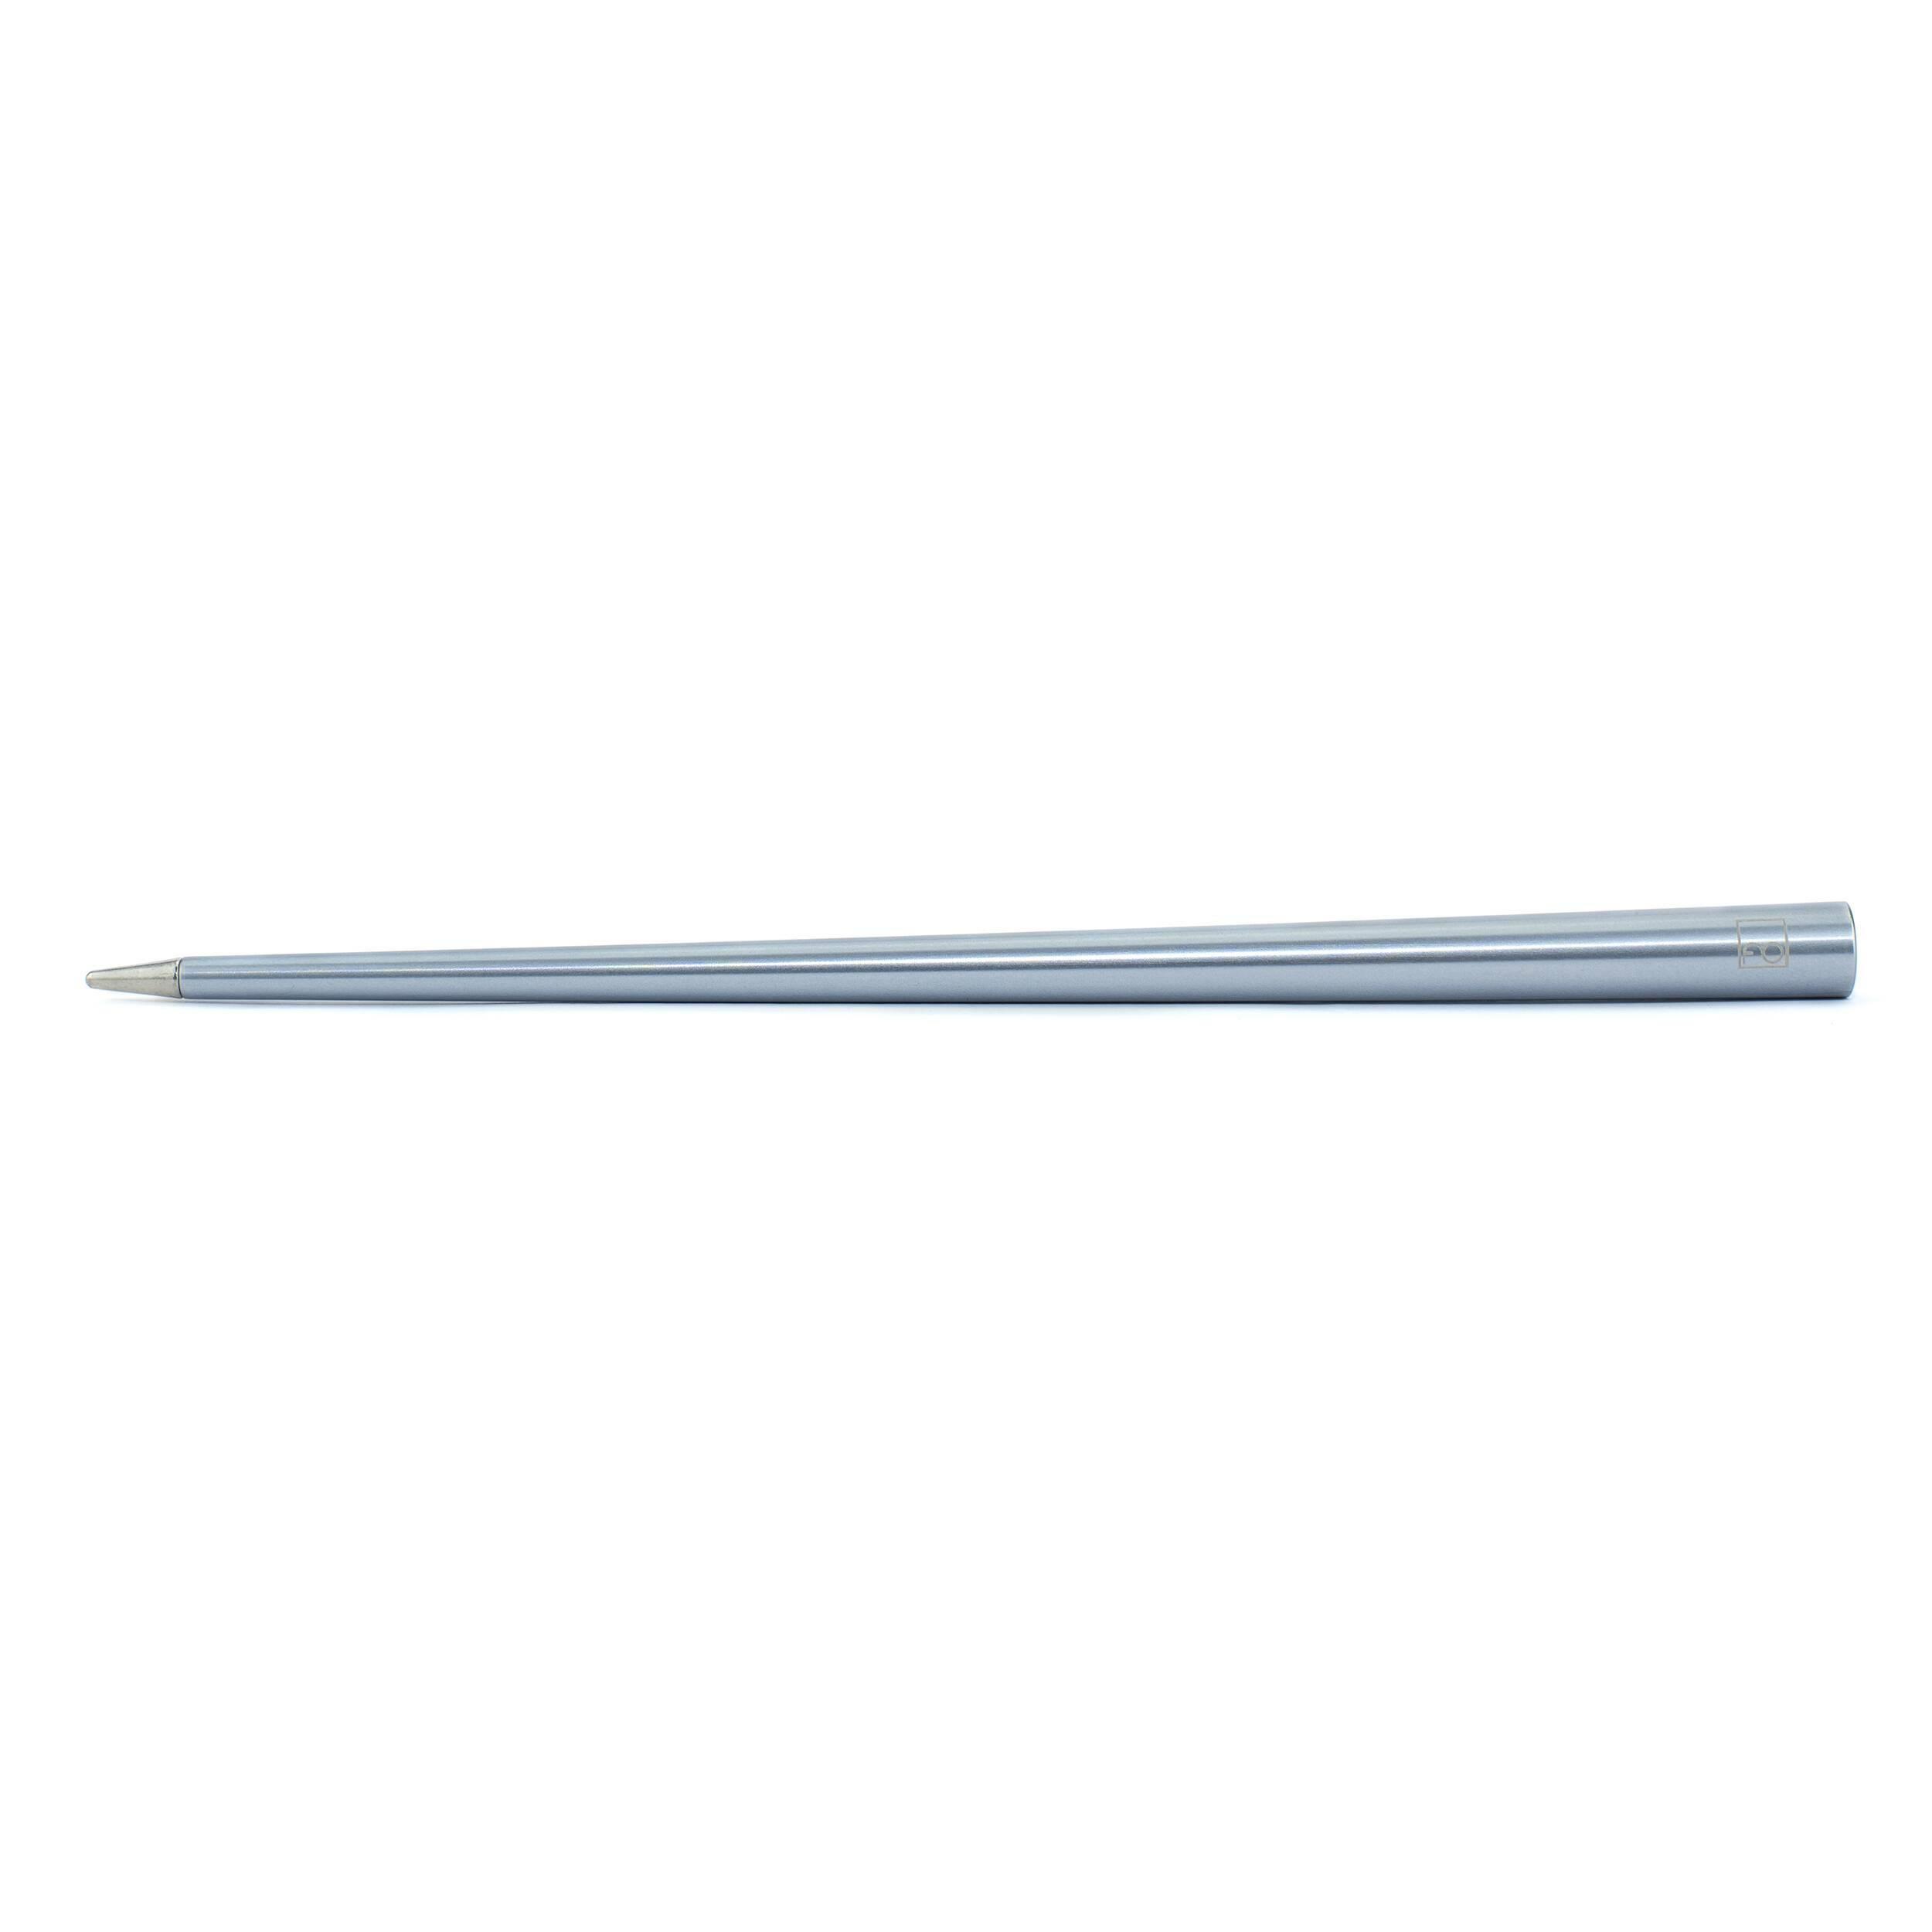 Вечный карандаш Napkin Forever PrimaРазное<br>Вечный карандаш Napkin Forever Prima. Цельный  корпус из анодированного алюминия. <br><br><br> Идея создания вечного карандаша уходит своими корнями в прошлое и обращает наши взоры в будущее. В Средние века, задолго до изобретения карандаша, художники пользовались металлическими наконечниками для рисования на специально подготовленной и обработанной бумаге. Эта техника была известна как Silverpoint. Техника Silverpoint использовалась множеством известных художников, в том числе Леонардо да Винч...<br><br>stock: 0<br>Материал: Металл<br>Цвет: Голубой<br>Диаметр: 1<br>Длина: 18